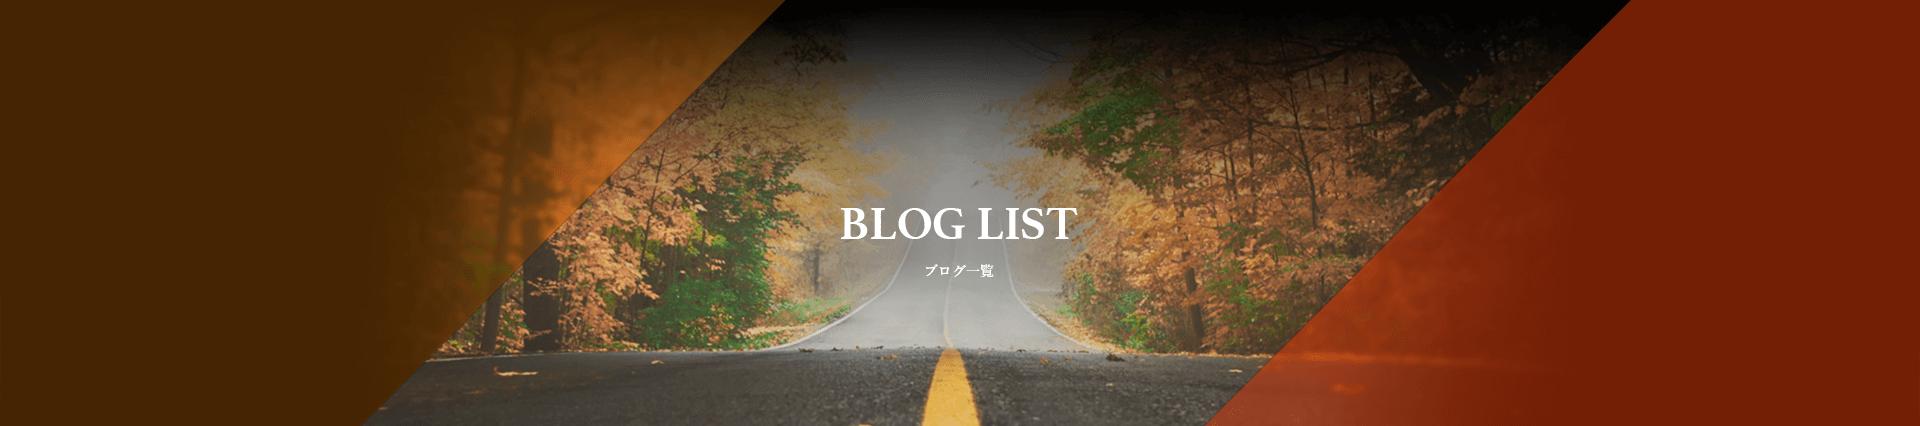 ブログ|【ロードナイン】旧車・車検・板金塗装専門店